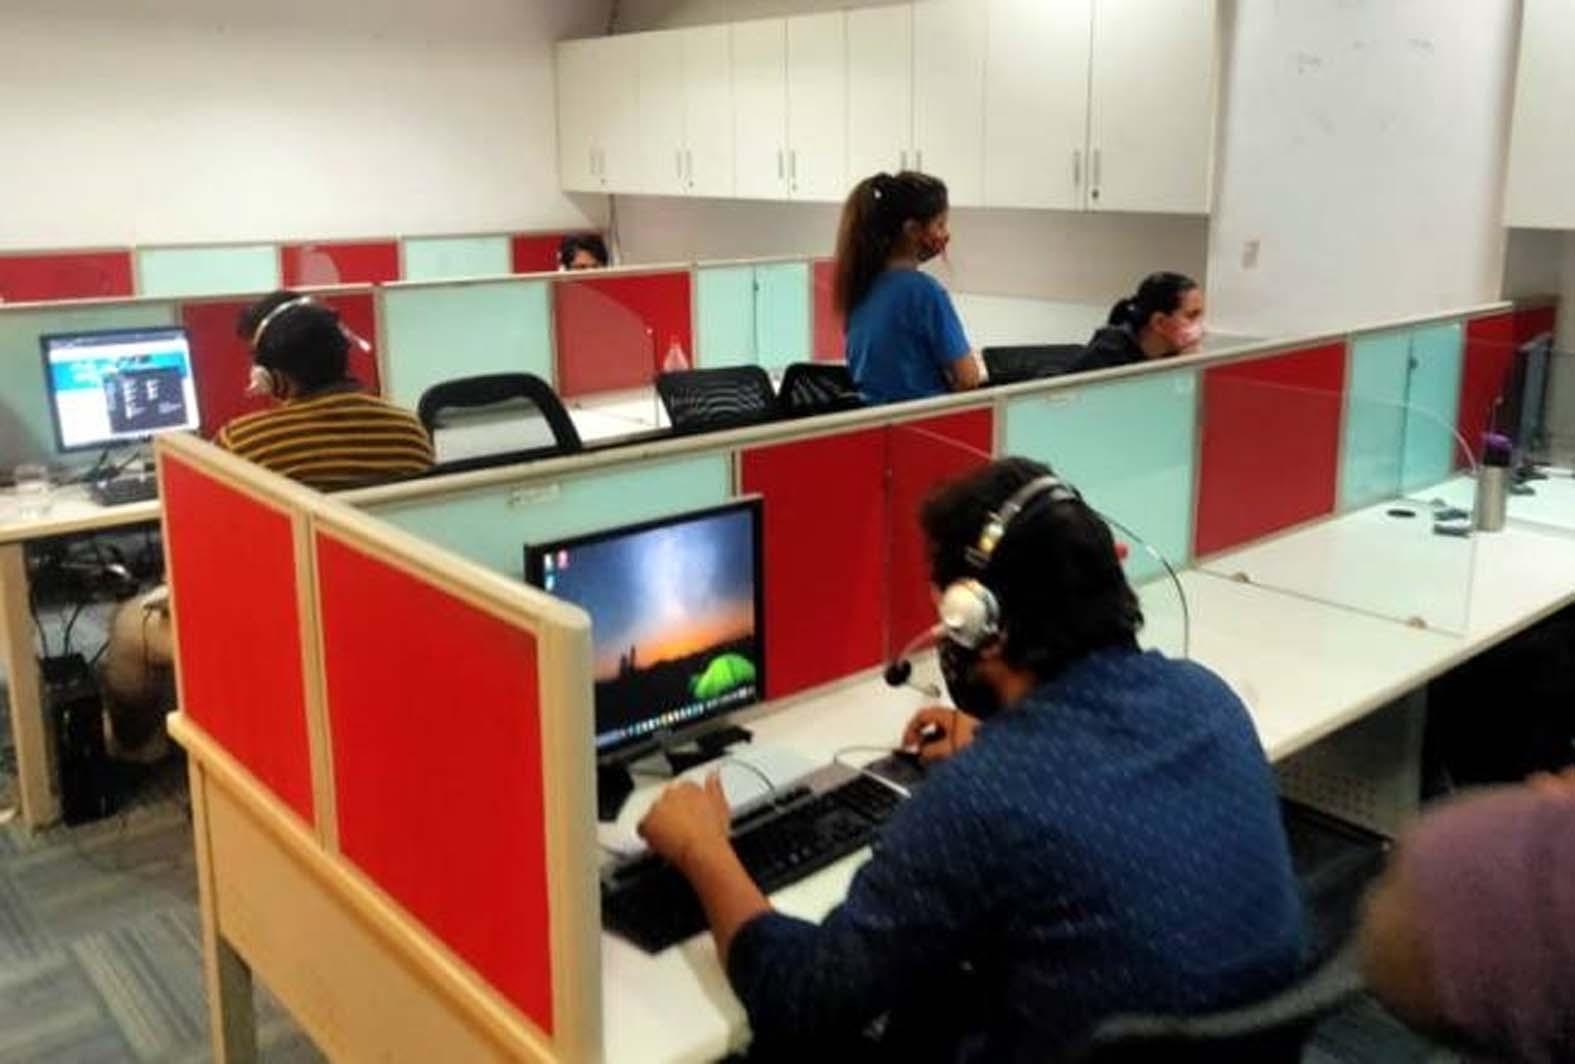 गुजराती ठग कॉल सेंटर के माध्यम से गुड़गांव में बैठकर लगा रहा था अमेरिकी नागरिकों को चूना|गुड़गांव,Gurgaon - Dainik Bhaskar